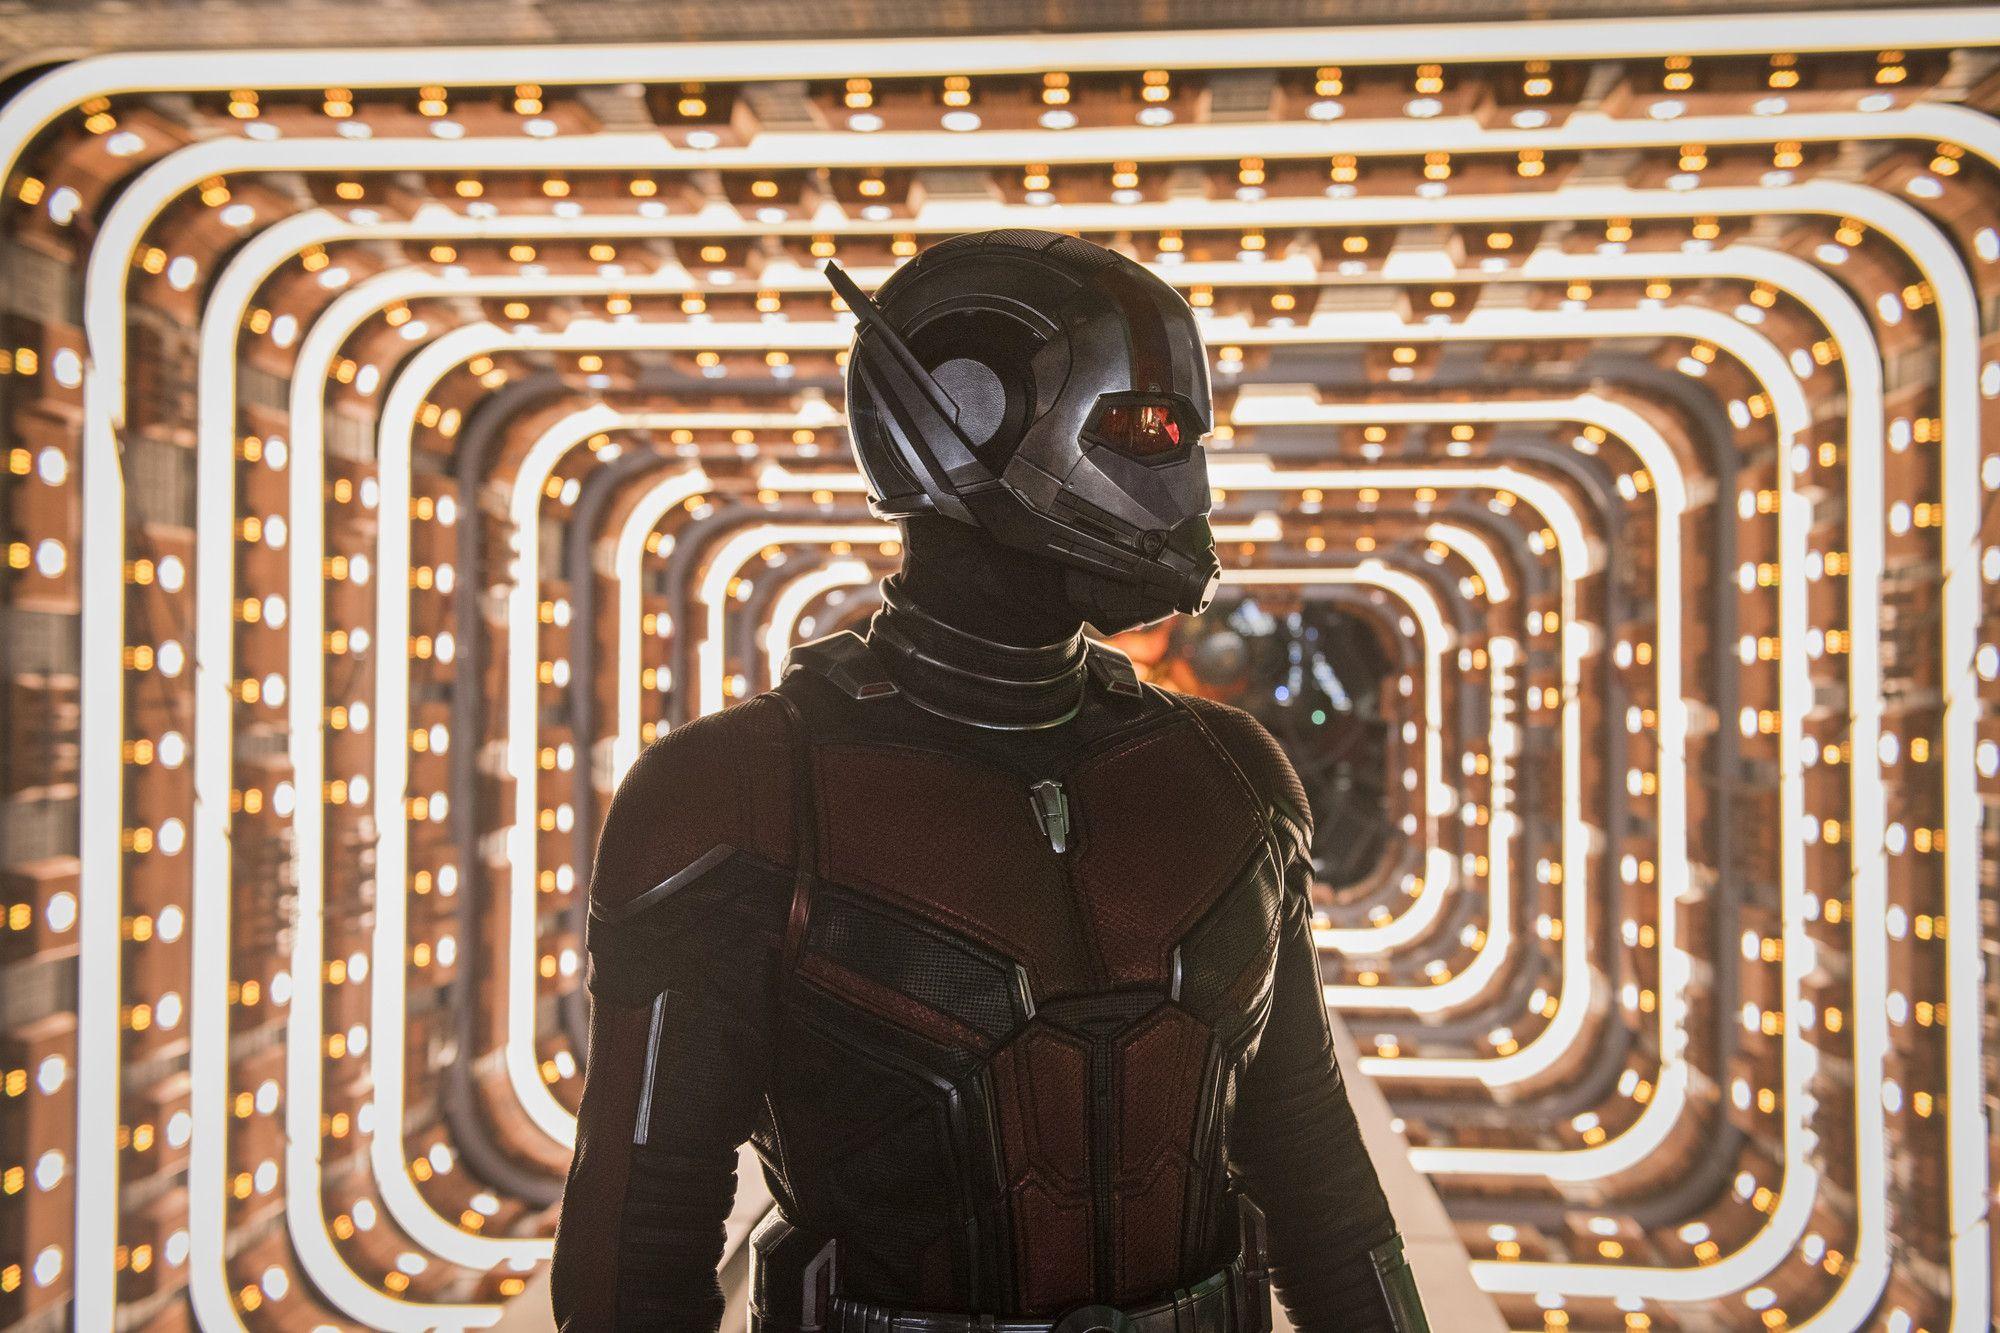 《蚁人2:黄蜂女现身》国内票房夺冠,幽默动感获好评